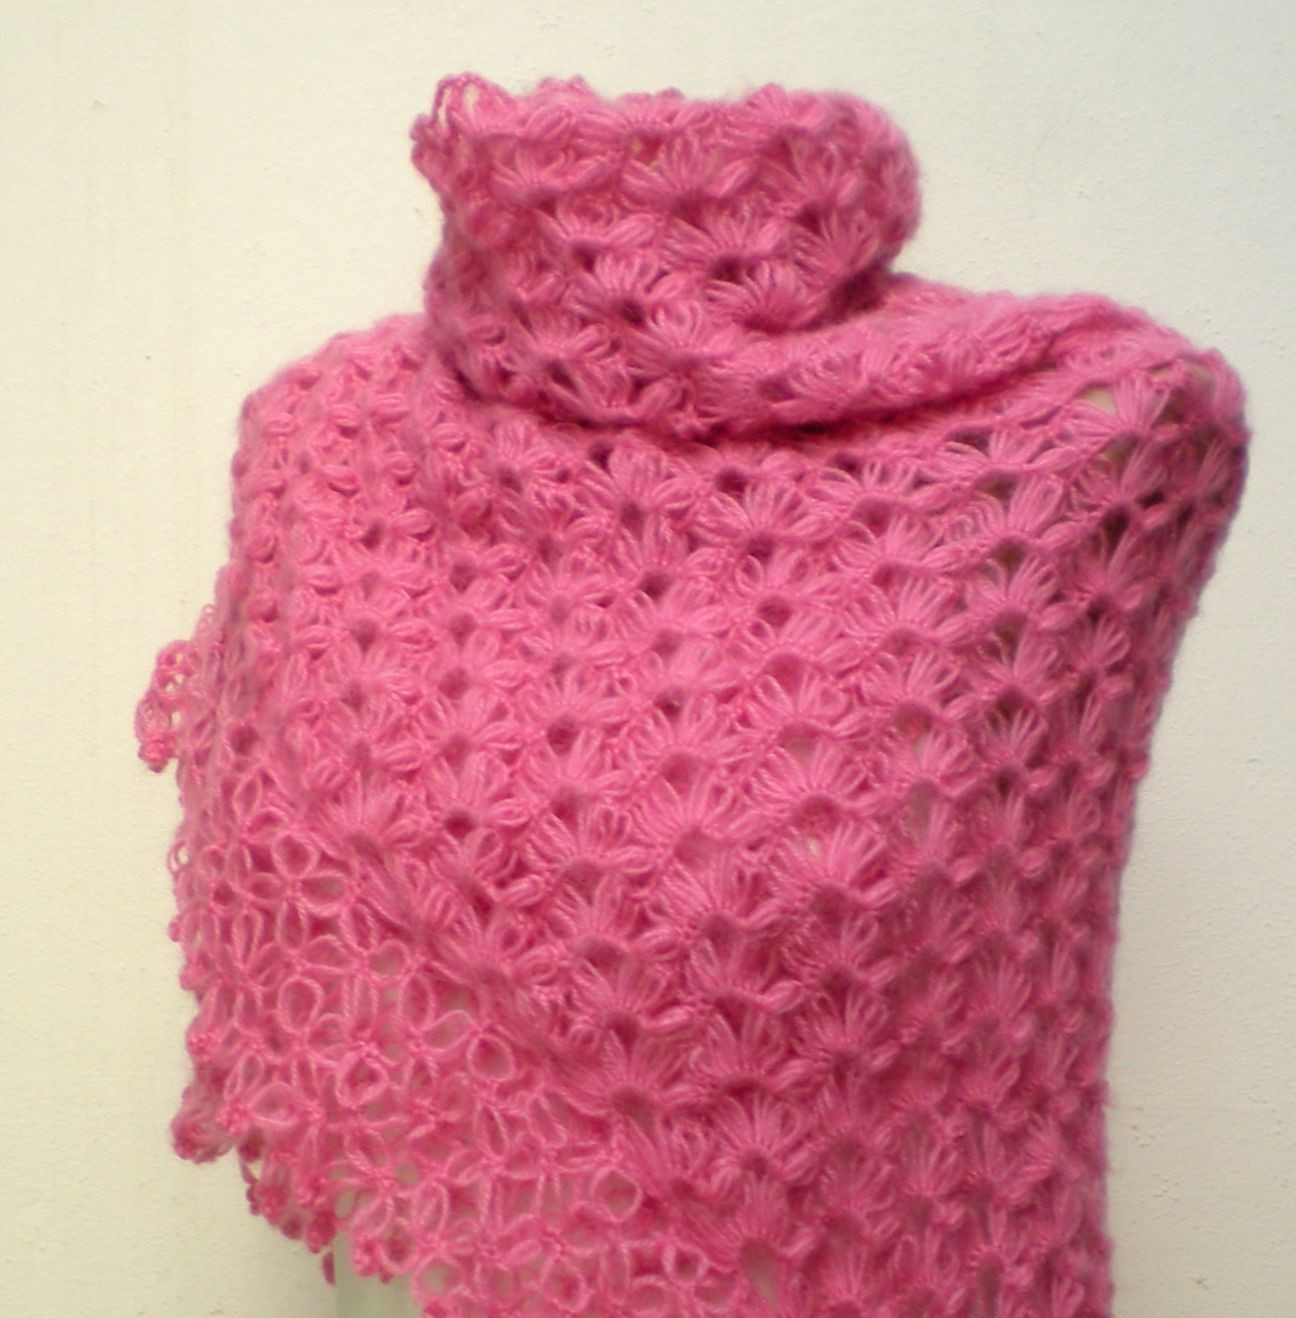 free knitting pattern: 2012 Knitting shawl patterns